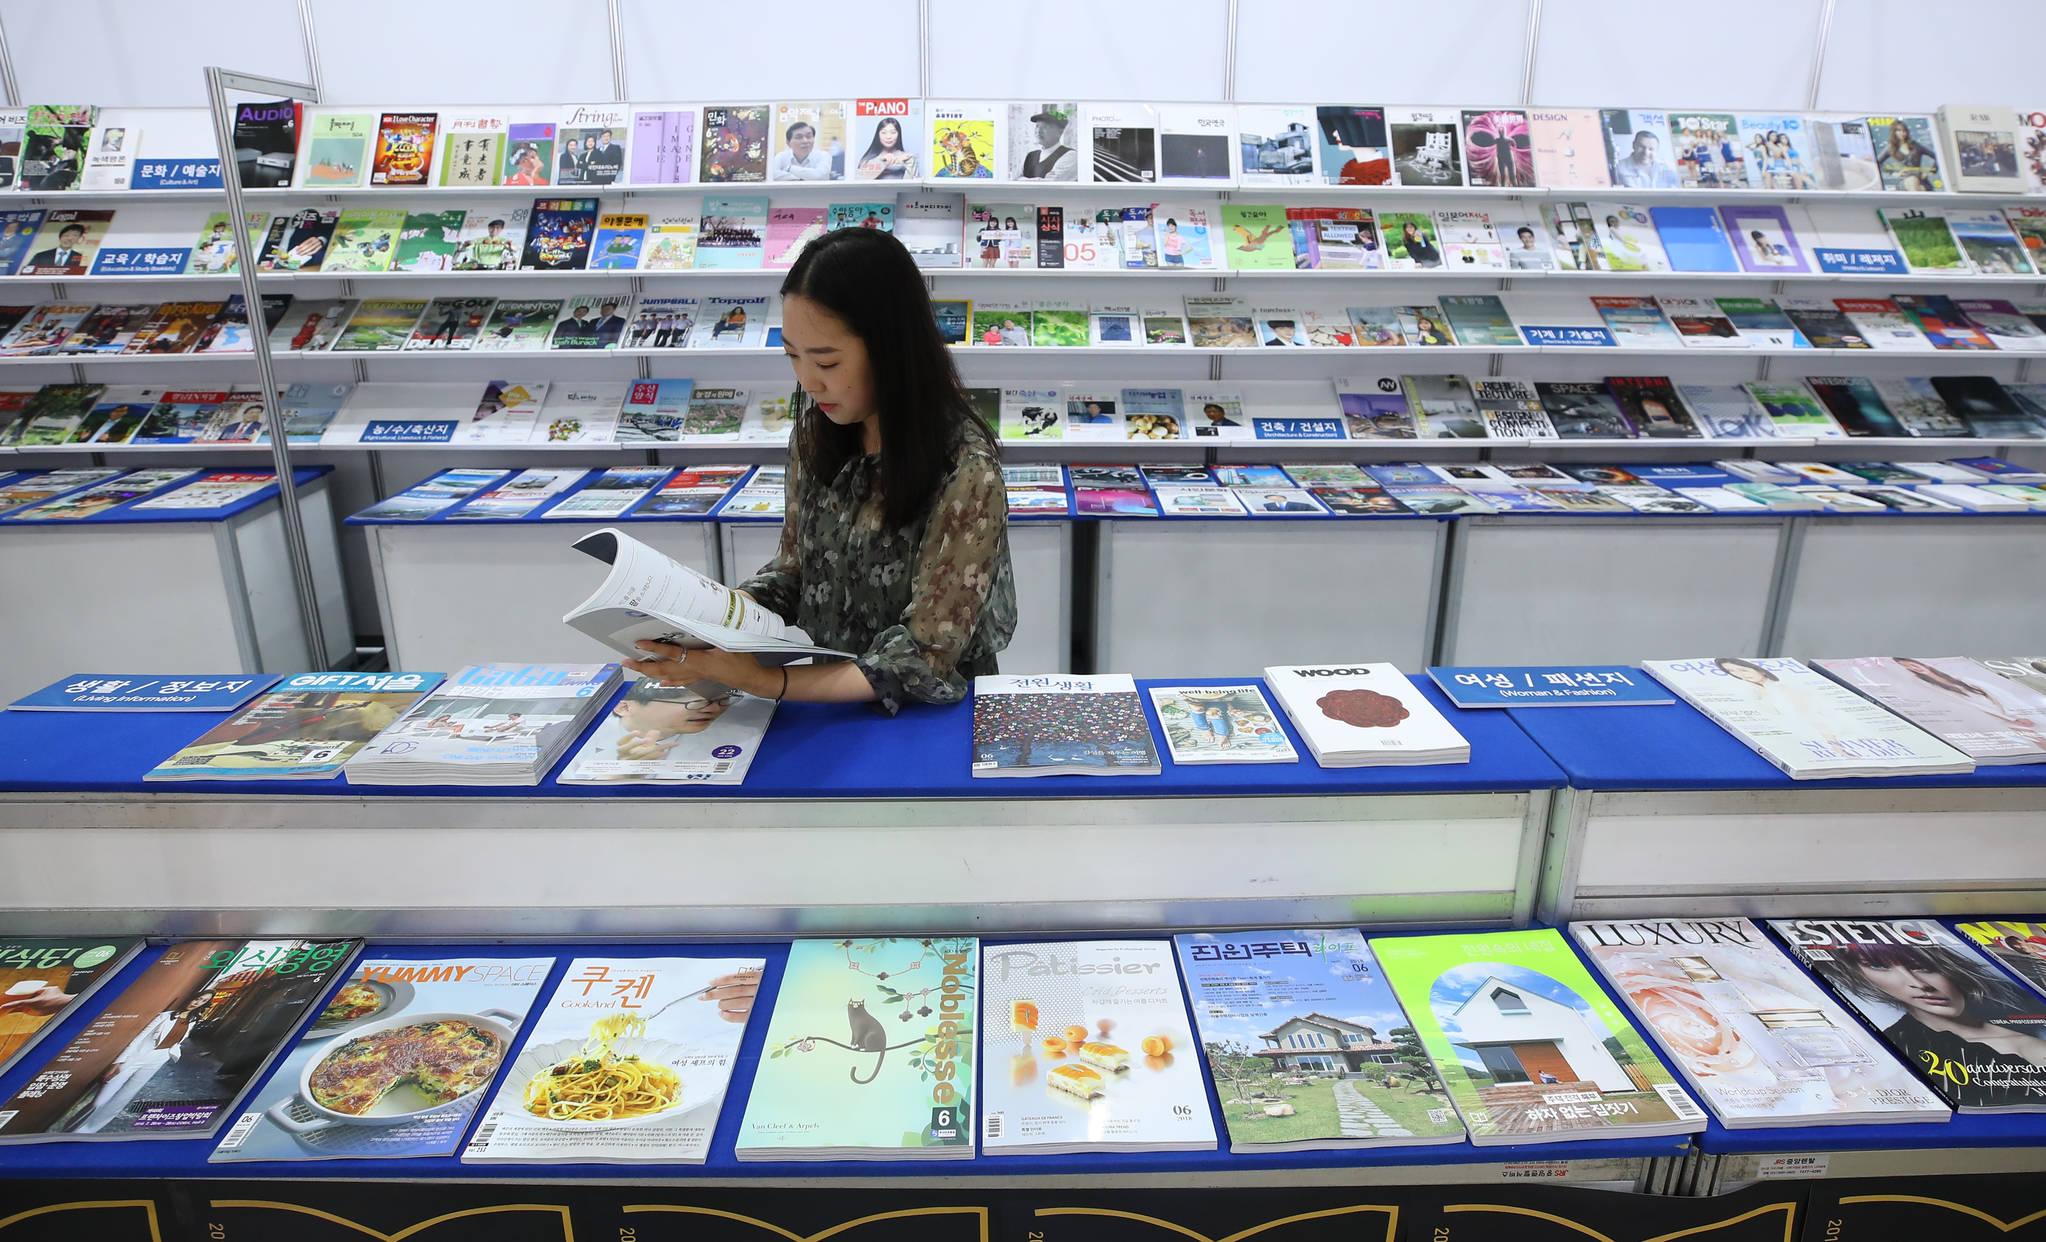 지난달 열린 '서울국제도서전'에서 한국잡지협회 부스를 찾은 한 관람객이 잡지를 읽고 있다. 잡지는 제한적으로 담배 광고를 게재할 수 있다. [연합뉴스]